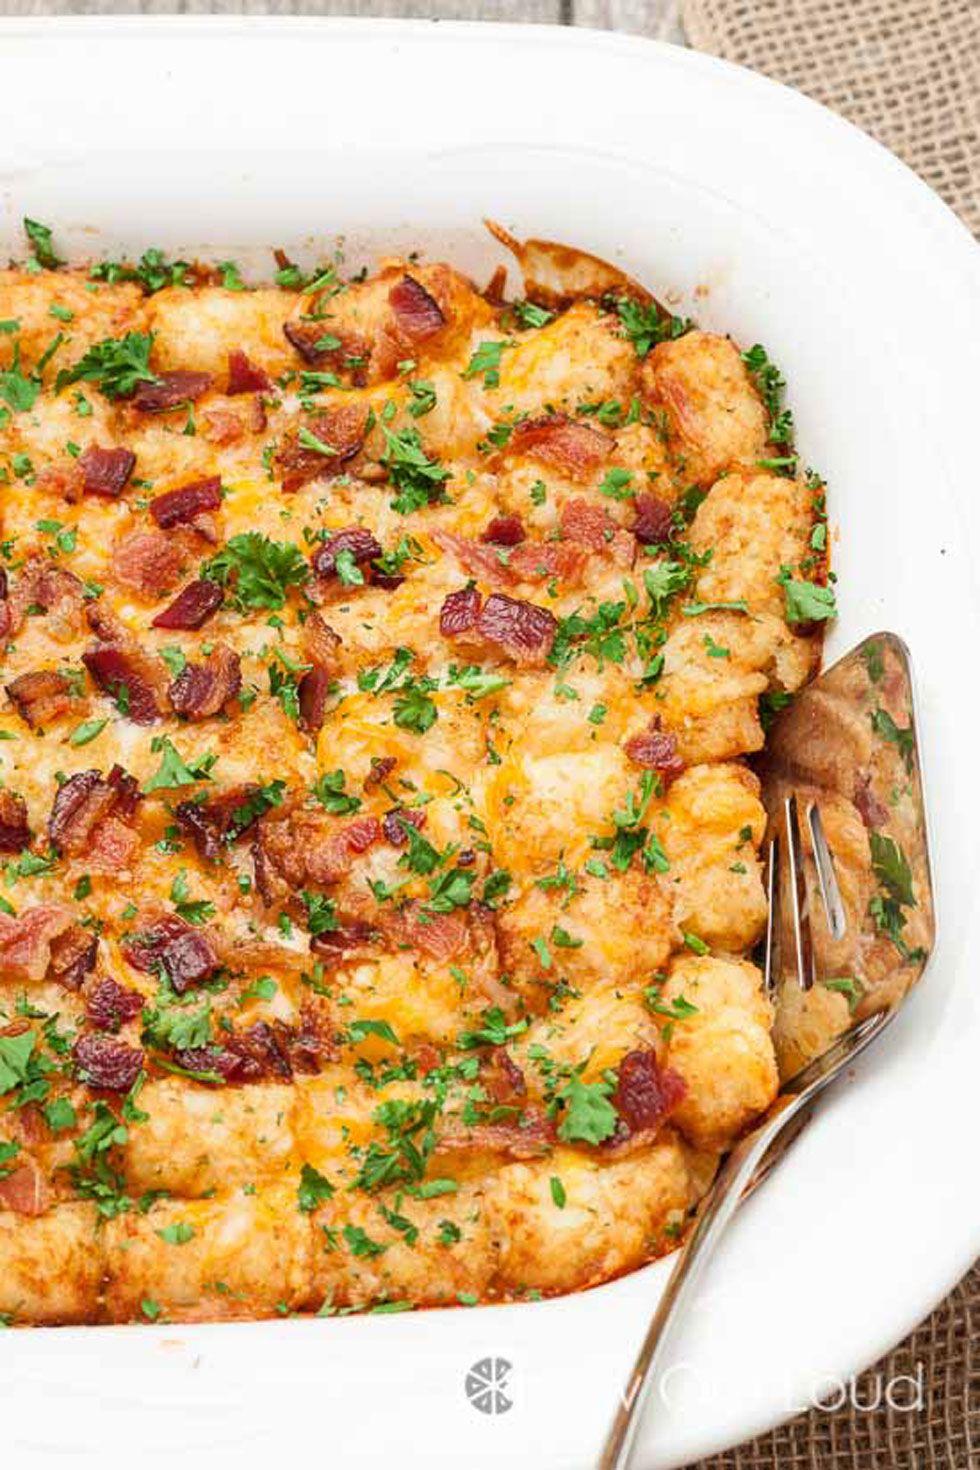 65 easy breakfast casserole recipes - best make ahead egg breakfast